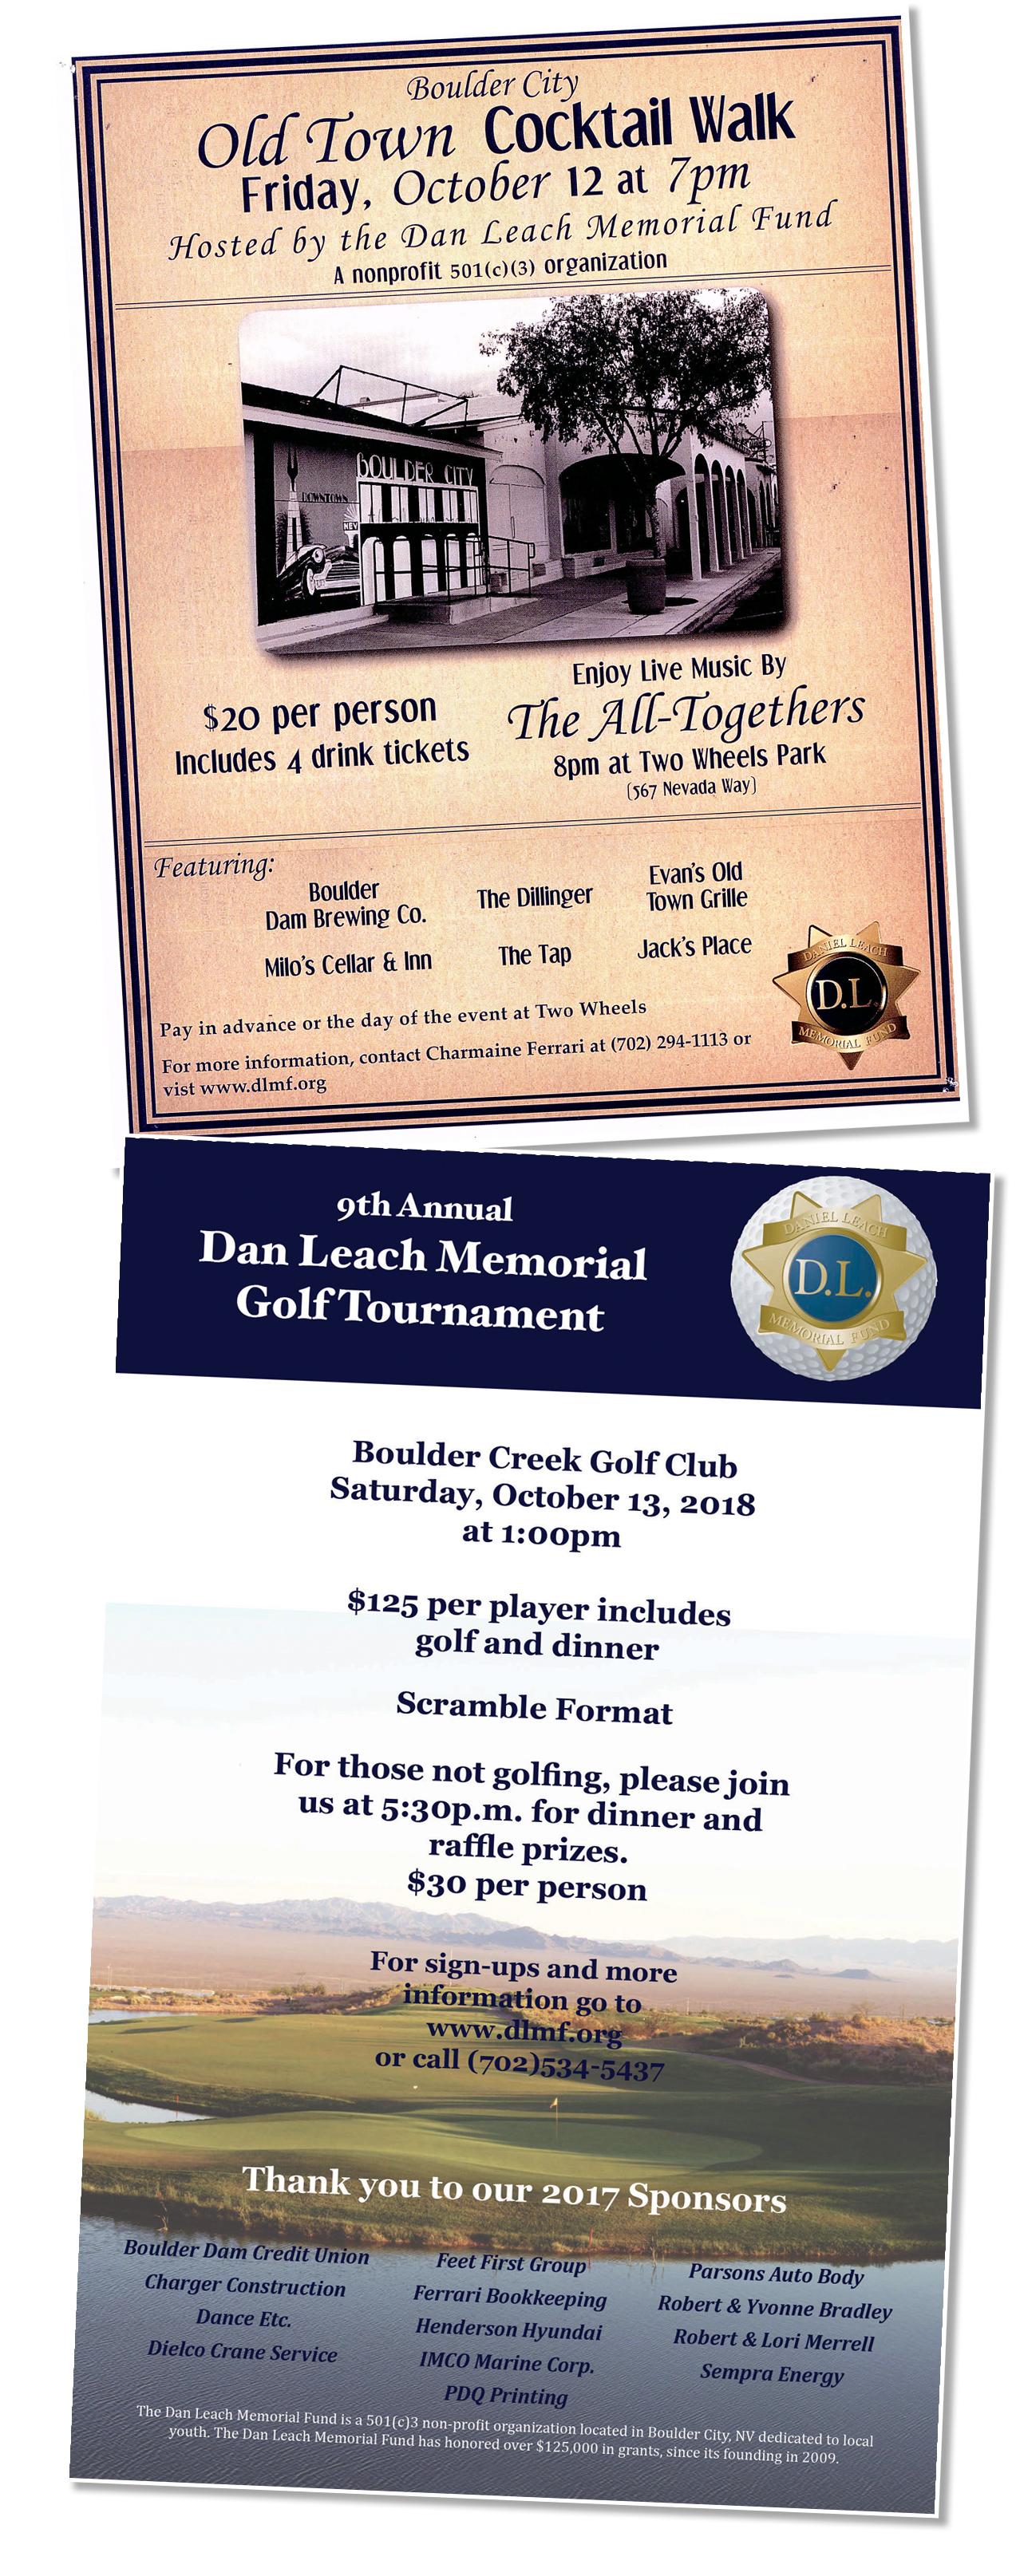 Dan Leach Fund Flyers 2018 Boulder City, Nevada